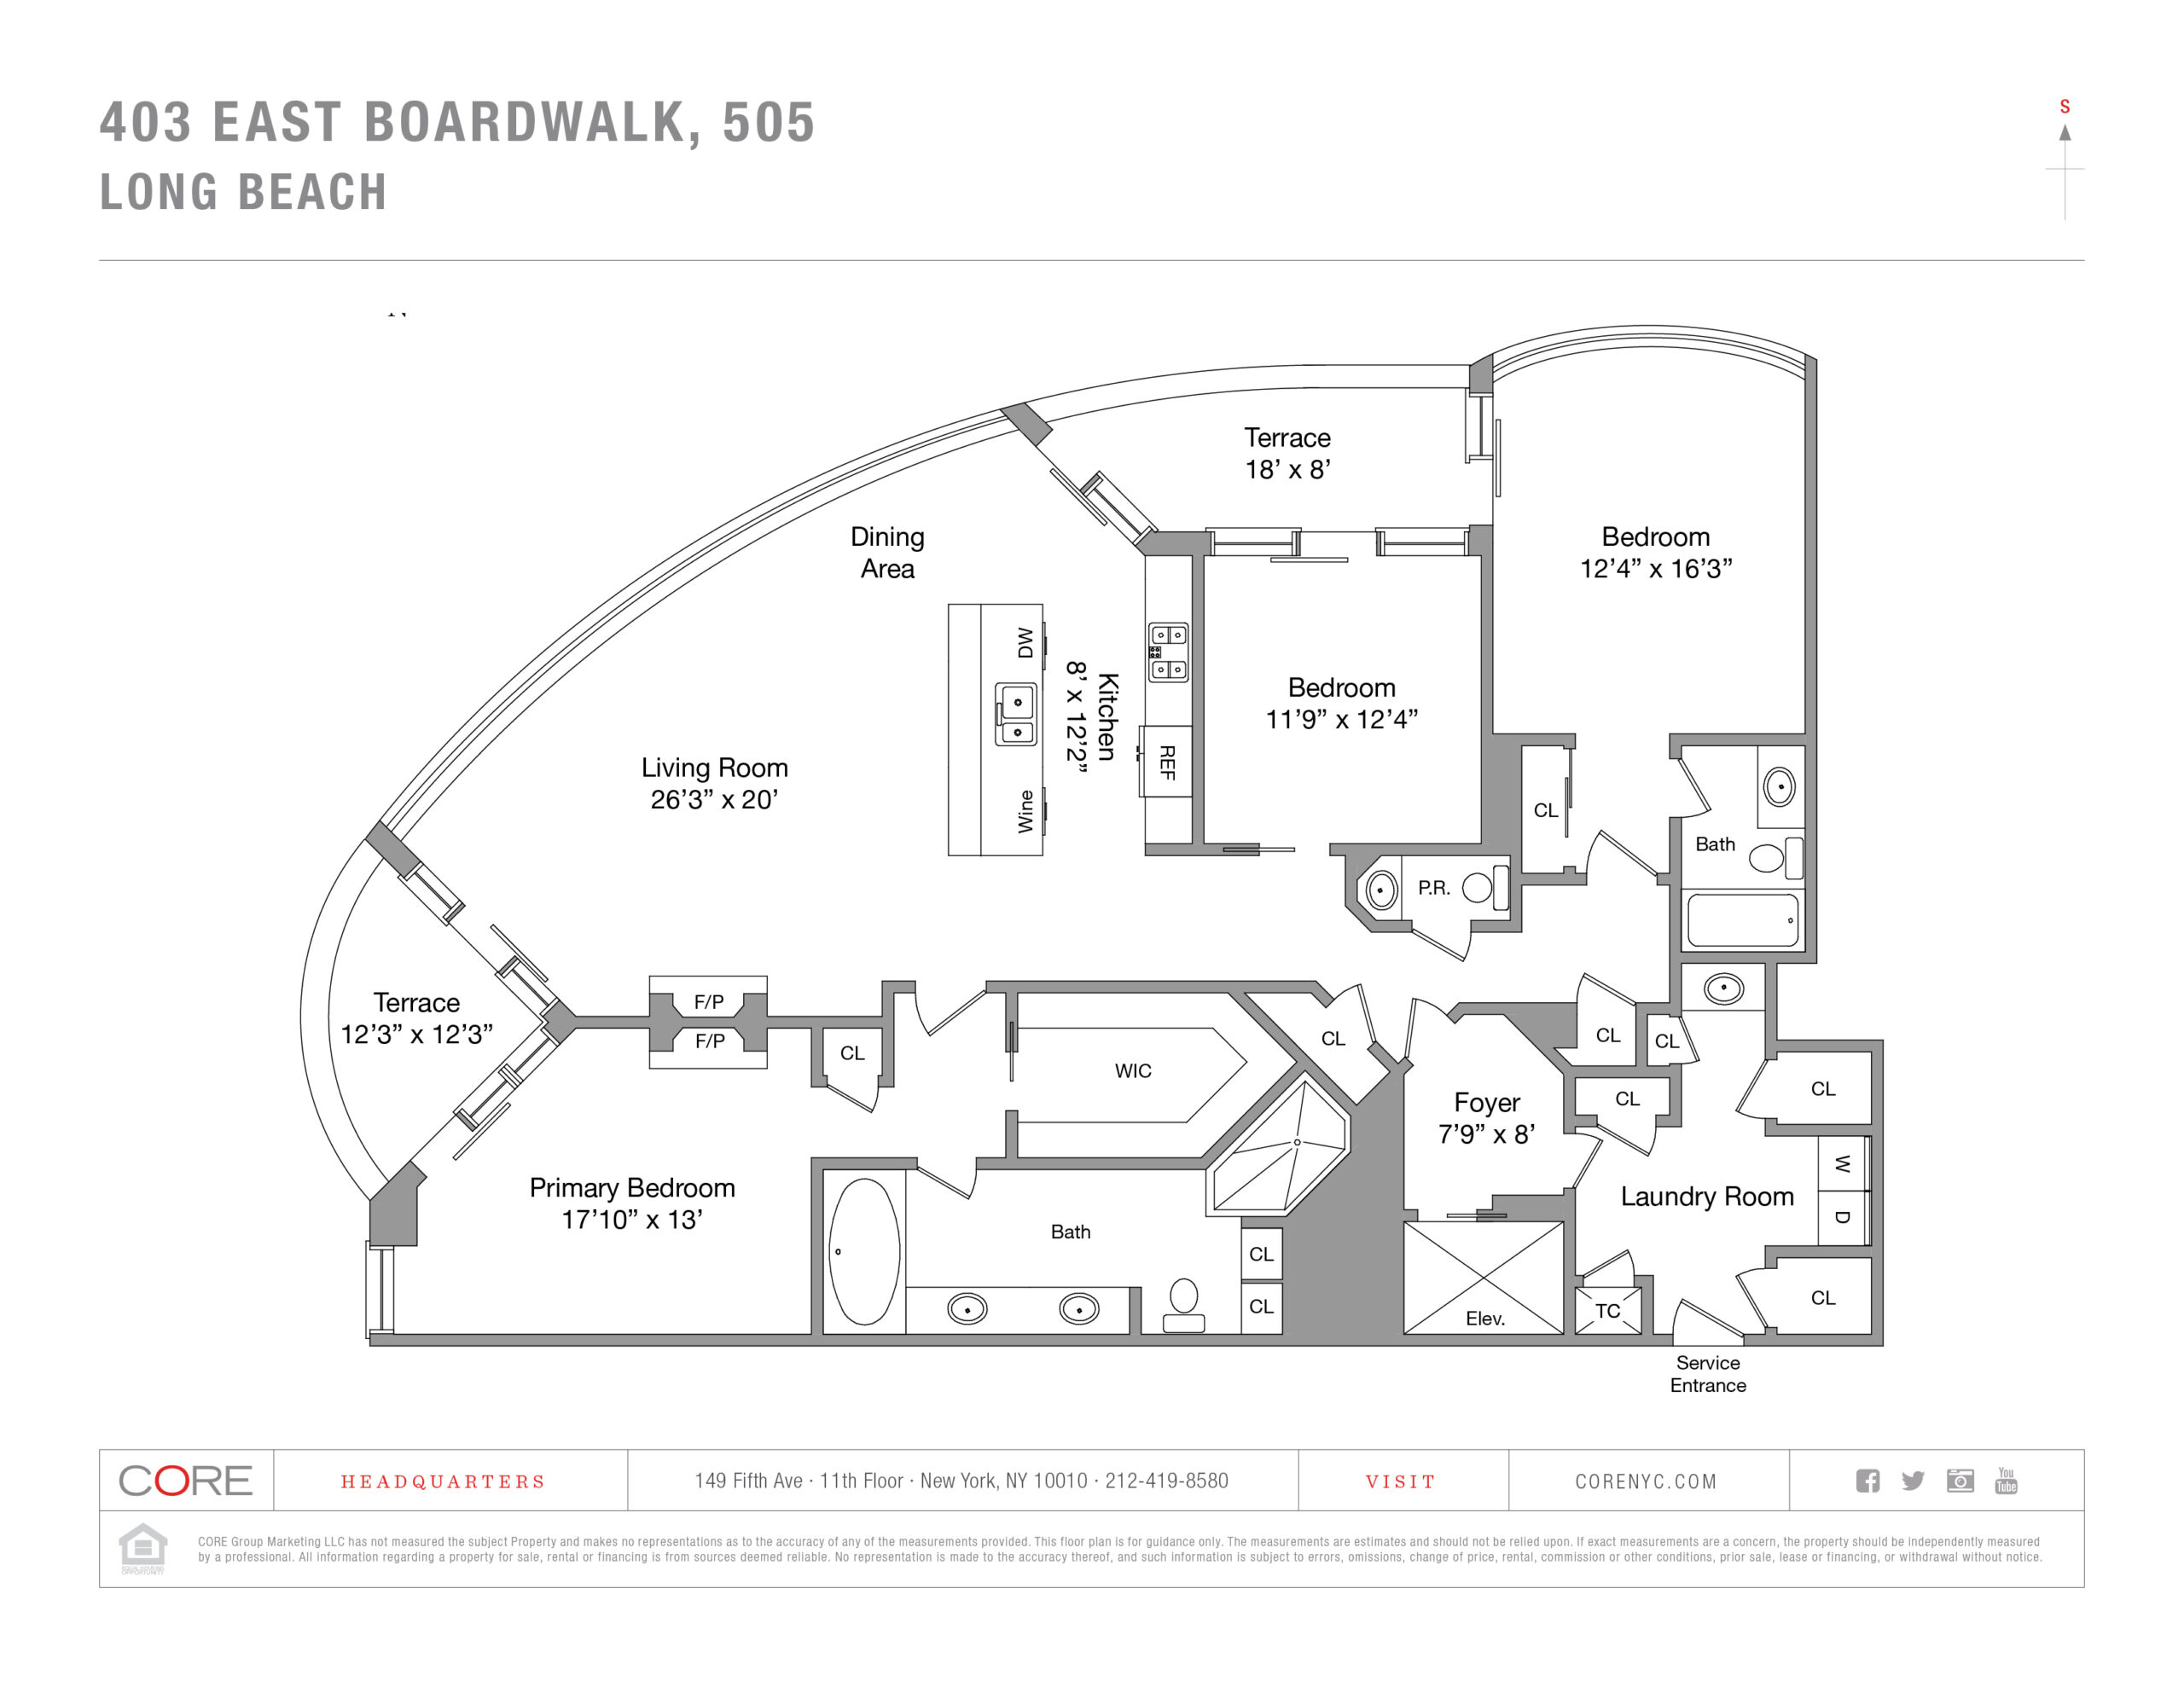 403 E Boardwalk, 505 Long Beach, NY